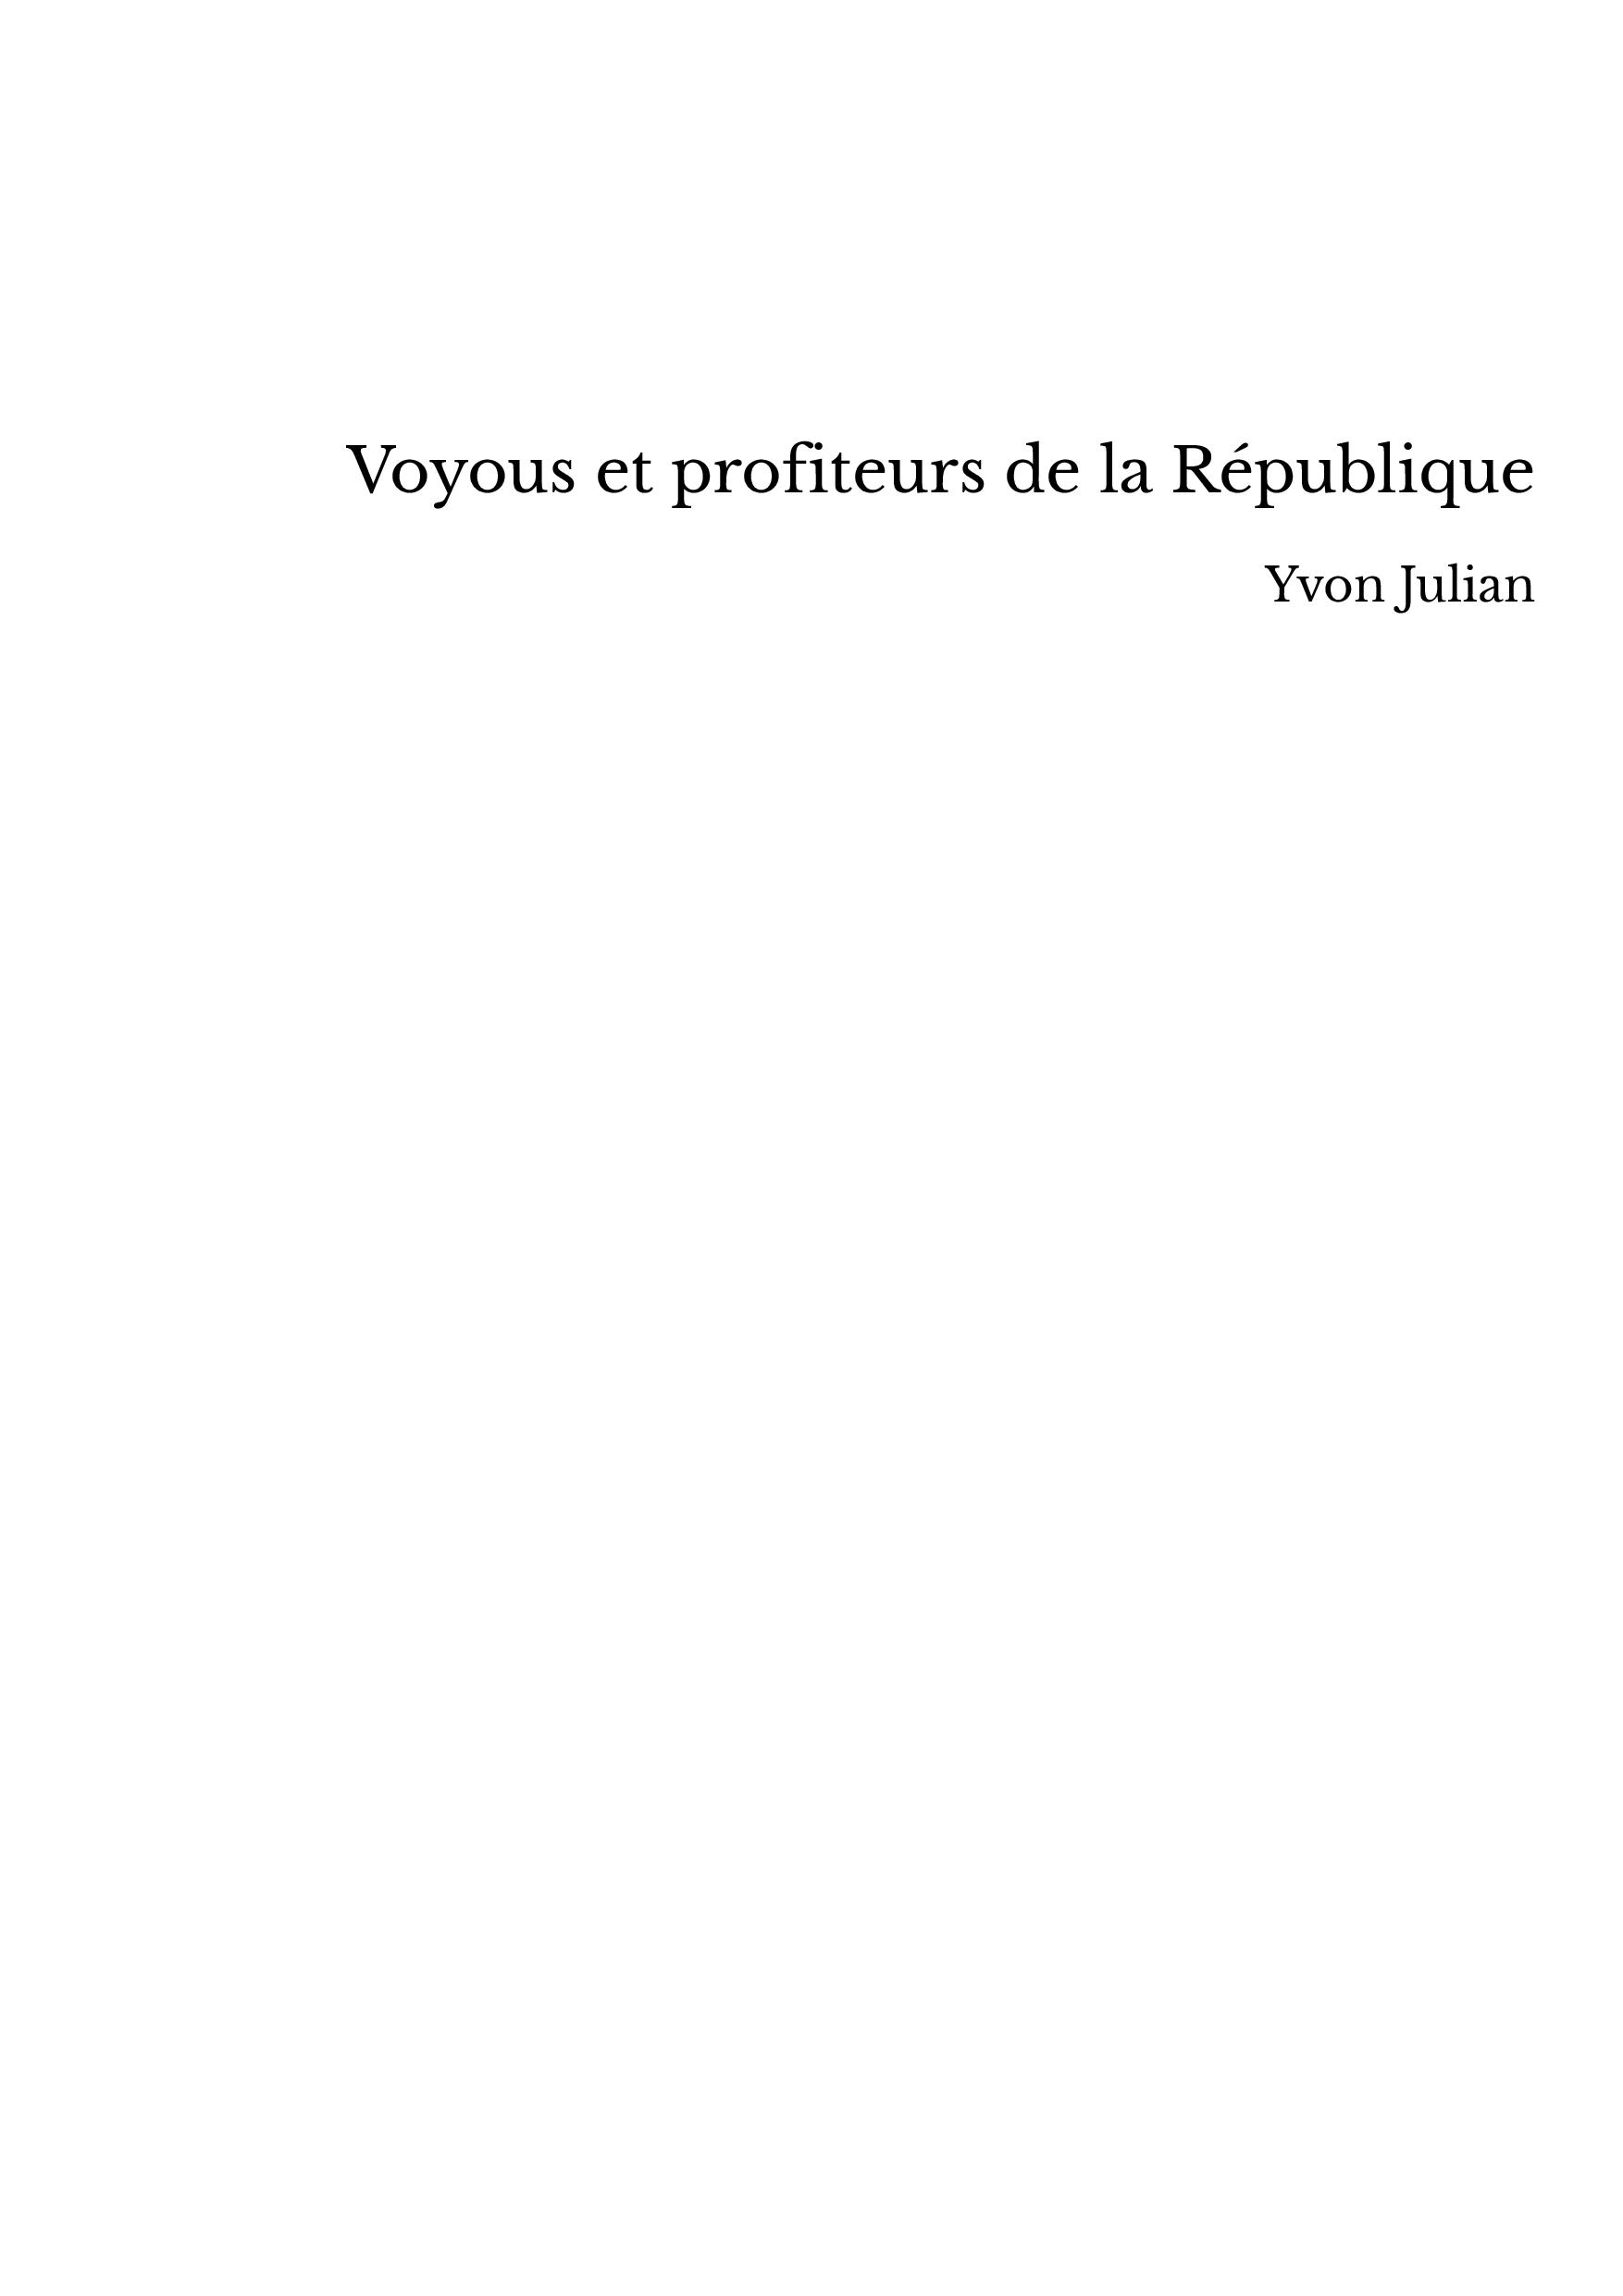 Voyous et profiteurs de la République